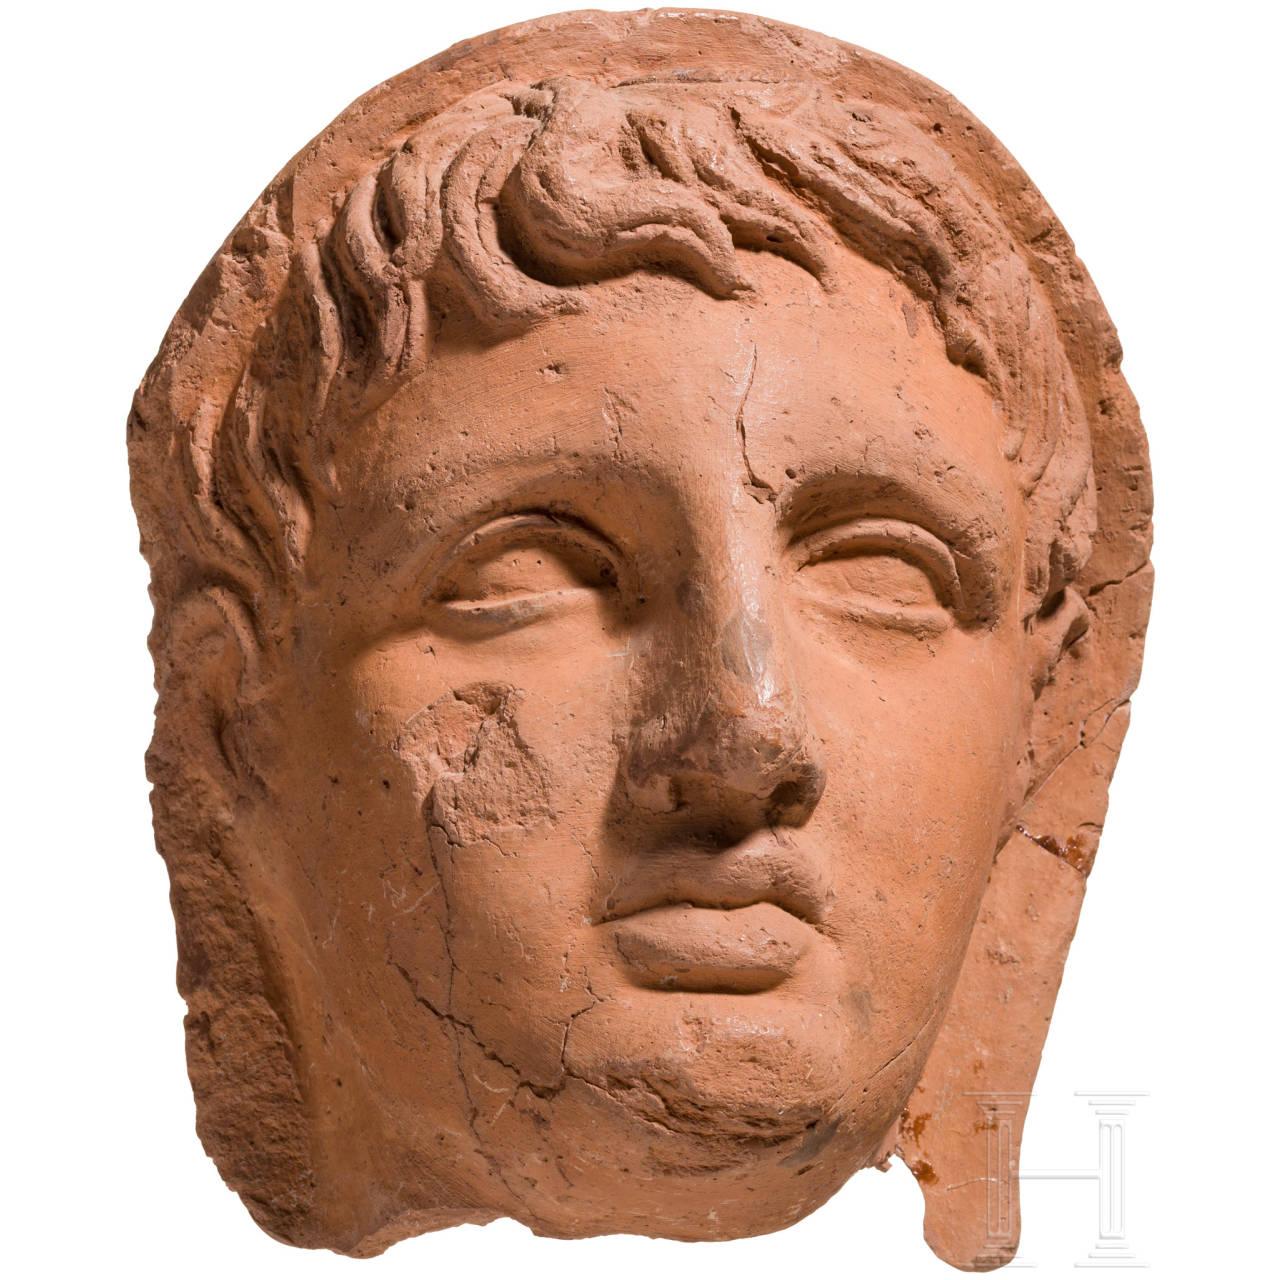 Terrakotta-Votivkopf eines jungen Etruskers, etruskisch, 2. Hälfte 1. Jhdt. v. Chr.